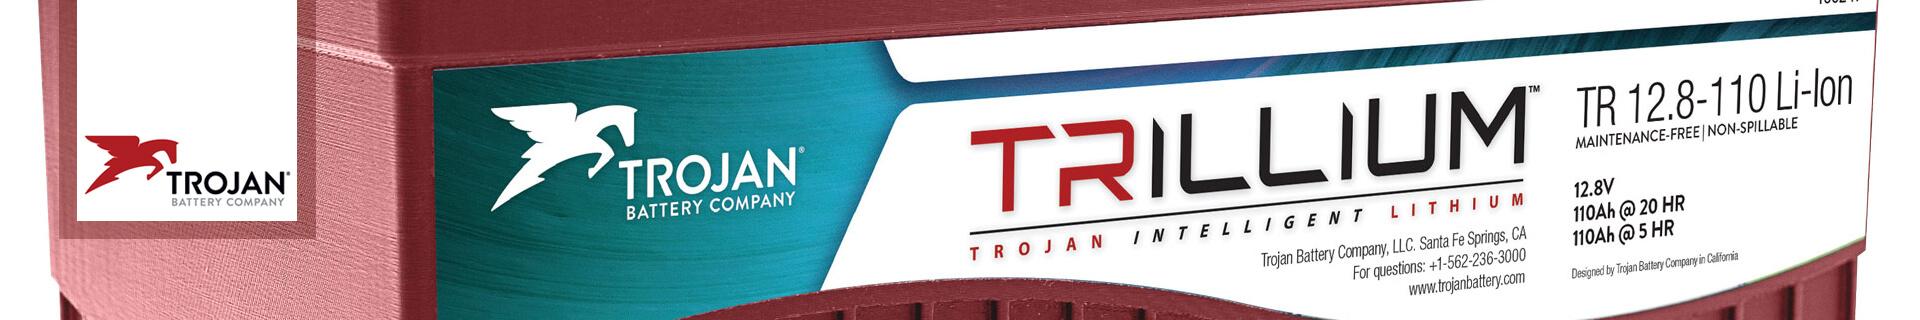 Trojan Trillium